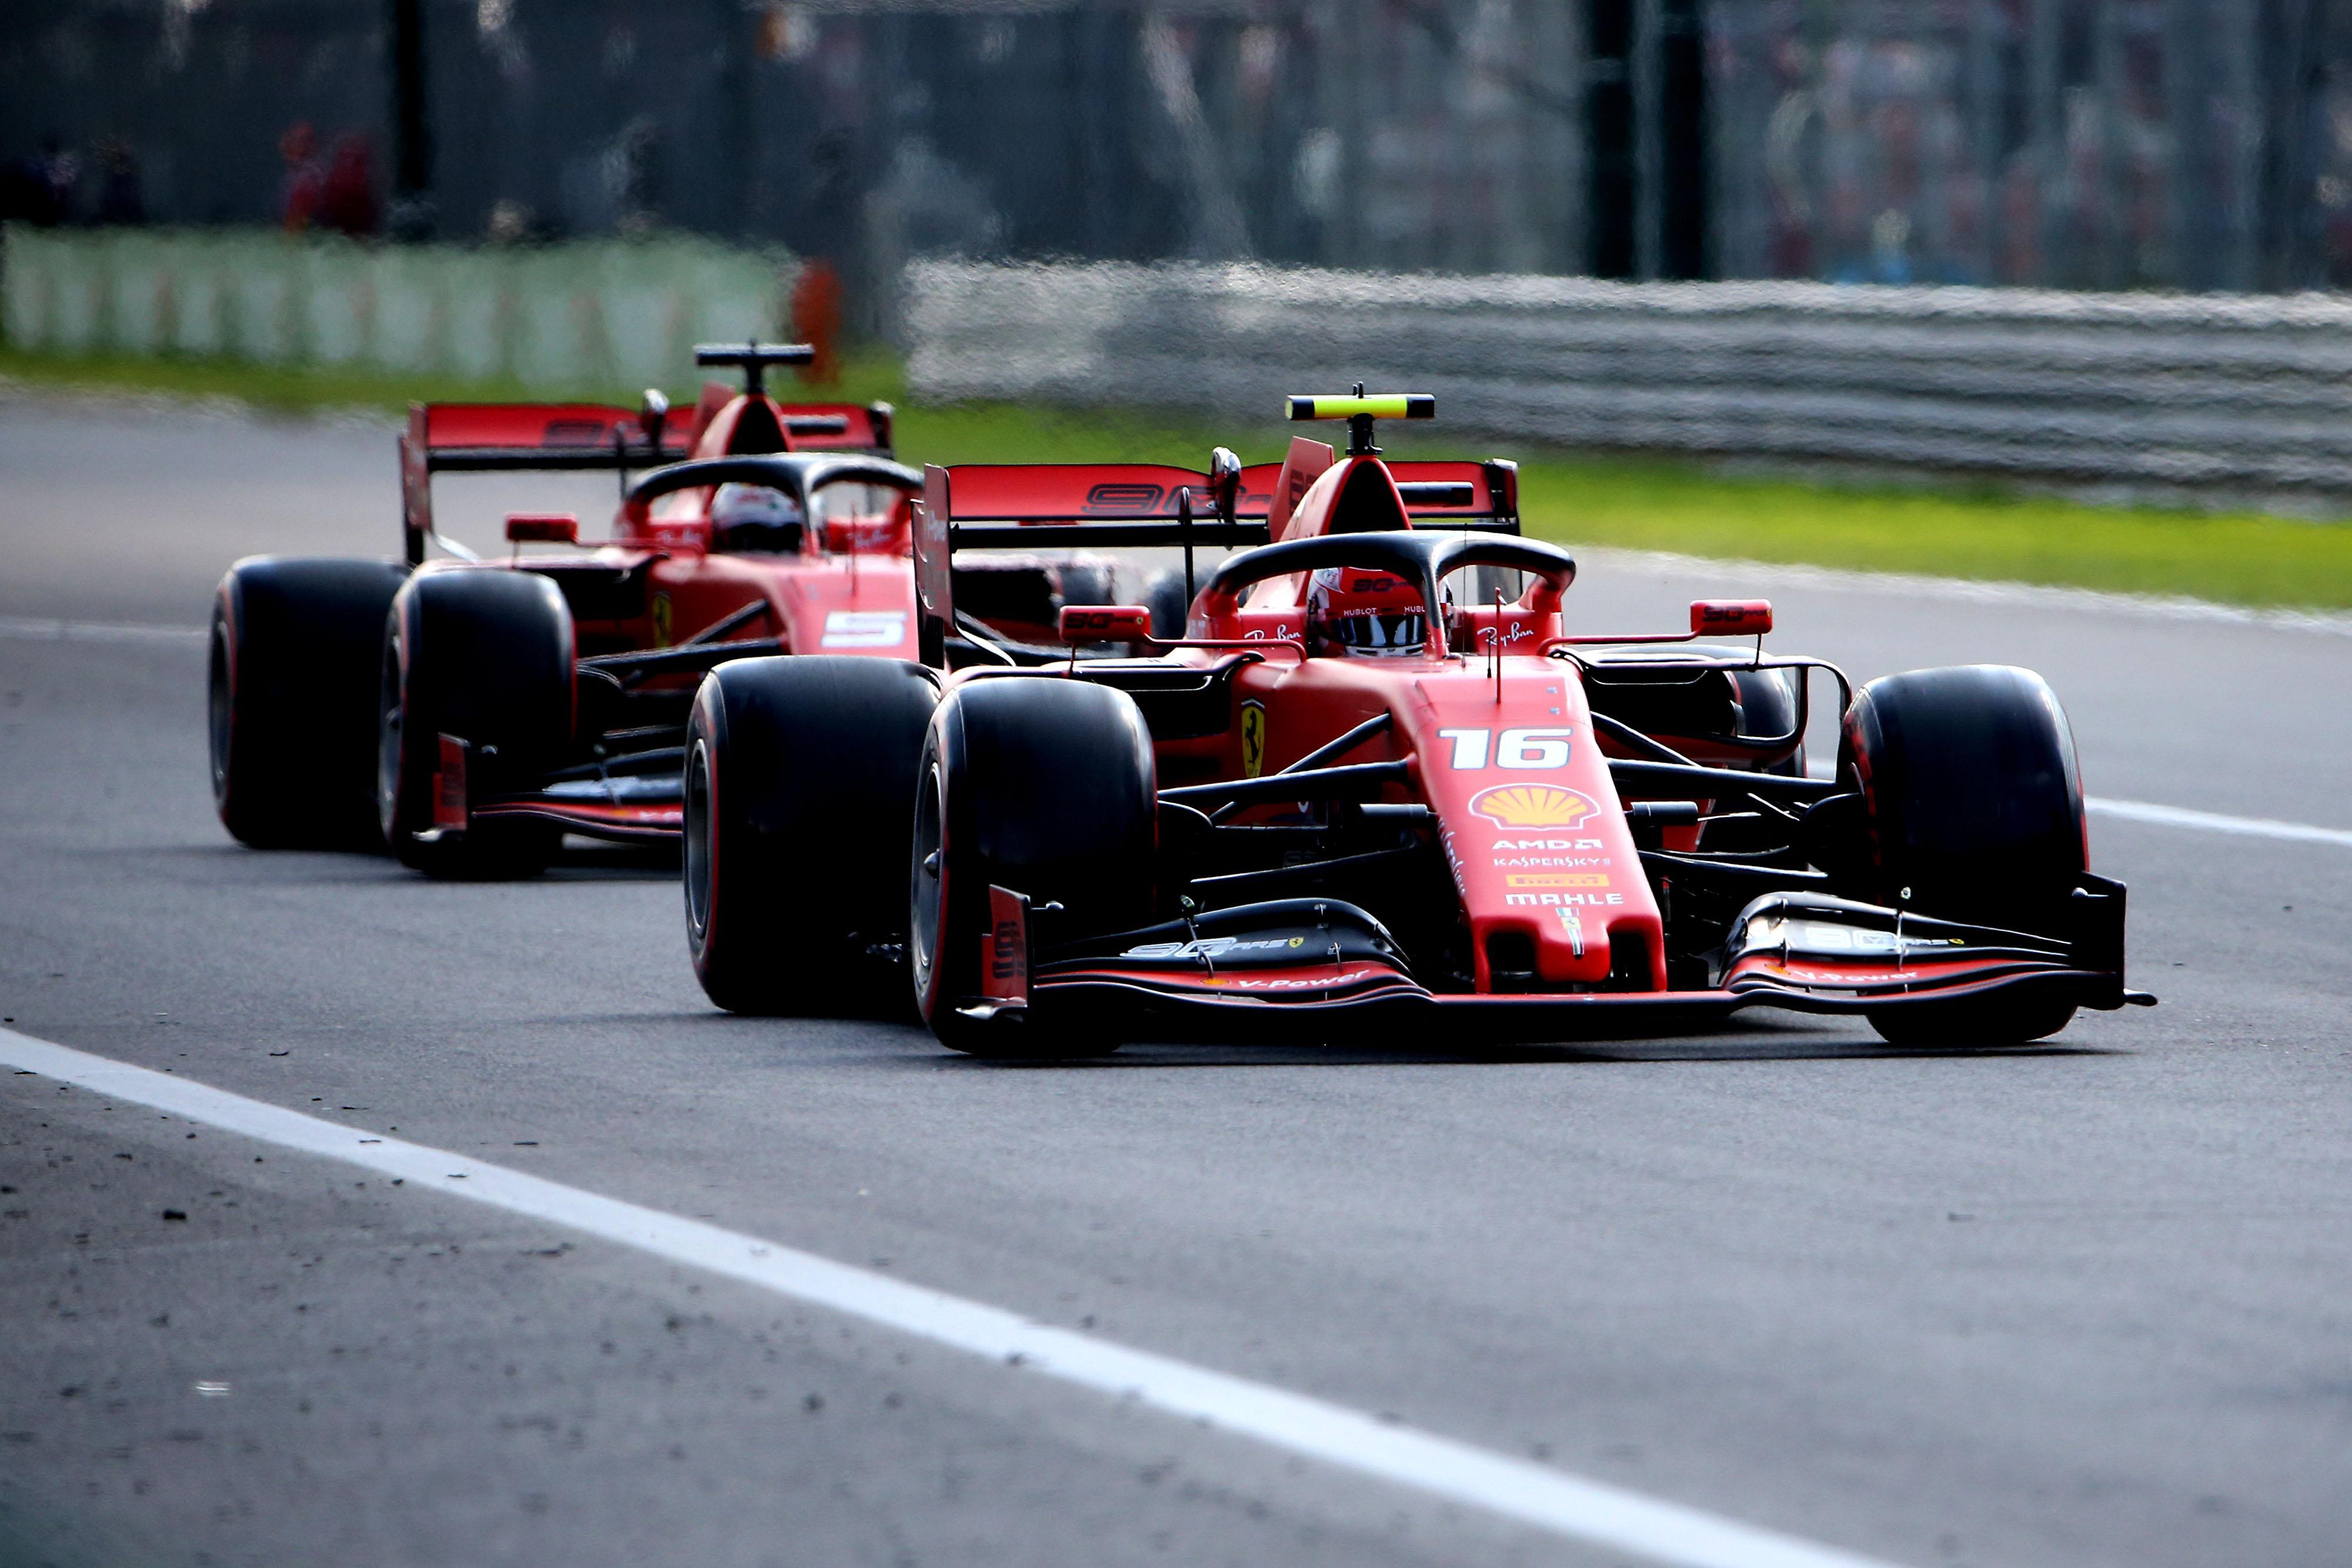 GP ITALIA  F1/2019 -  SABATO 07/09/2019   credit: @Scuderia Ferrari Press Office